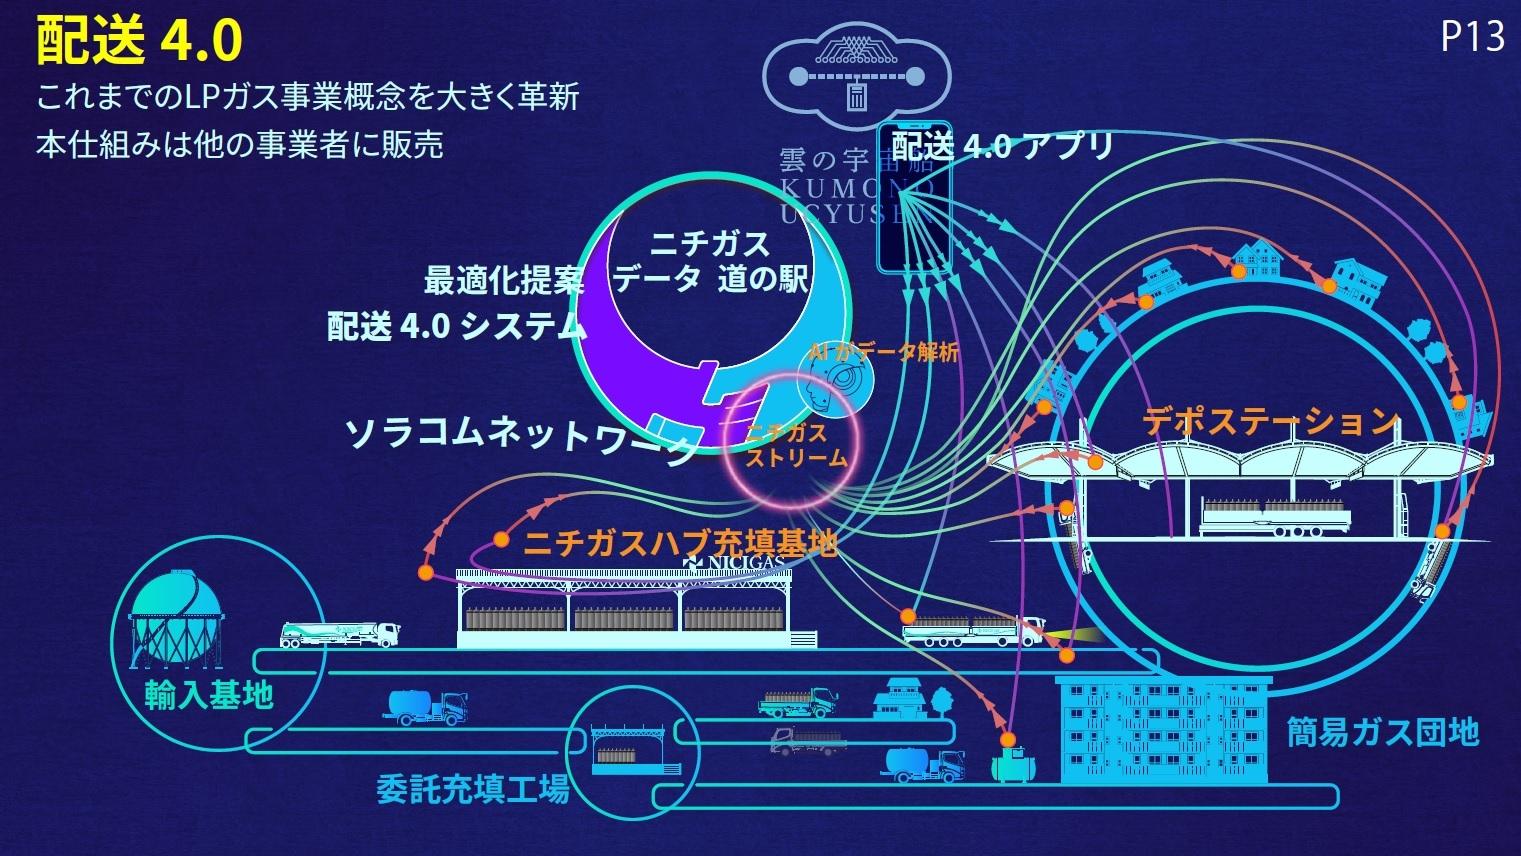 「配送4.0」の概要